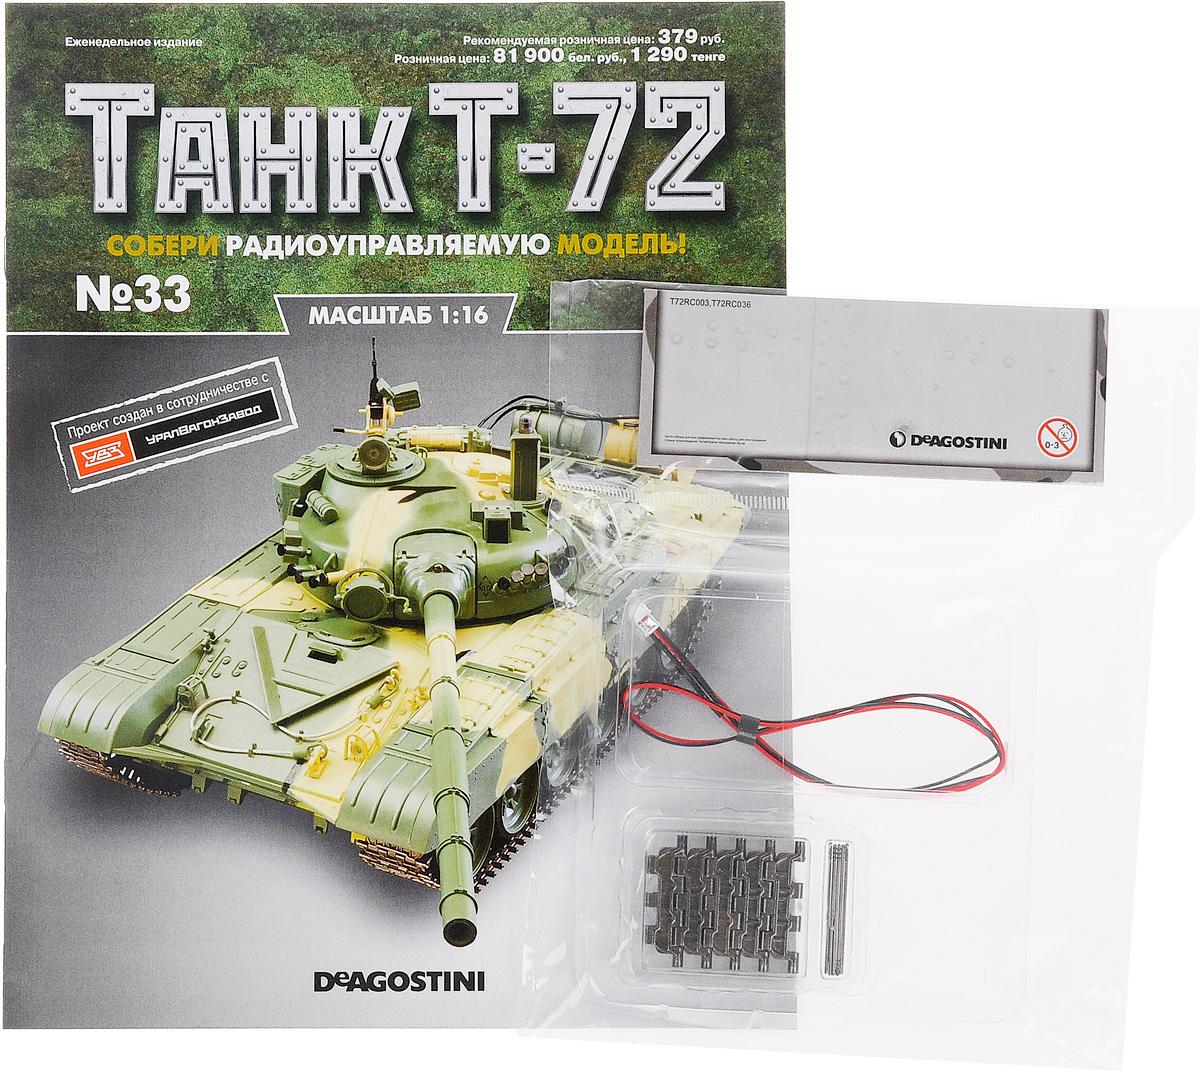 Журнал Танк Т-72 №33TRC033Перед вами - журнал из уникальной серии партворков Танк Т-72 с увлекательной информацией о легендарных боевых машинах и элементами для сборки копии танка Т-72 в уменьшенном варианте 1:16. У вас есть возможность собственноручно создать высококачественную модель этого знаменитого танка с достоверным воспроизведением всех элементов, сохранением функций подлинной боевой машины и дистанционным управлением. В комплект с номером входят светодиод, штифты и траки. Категория 16+.